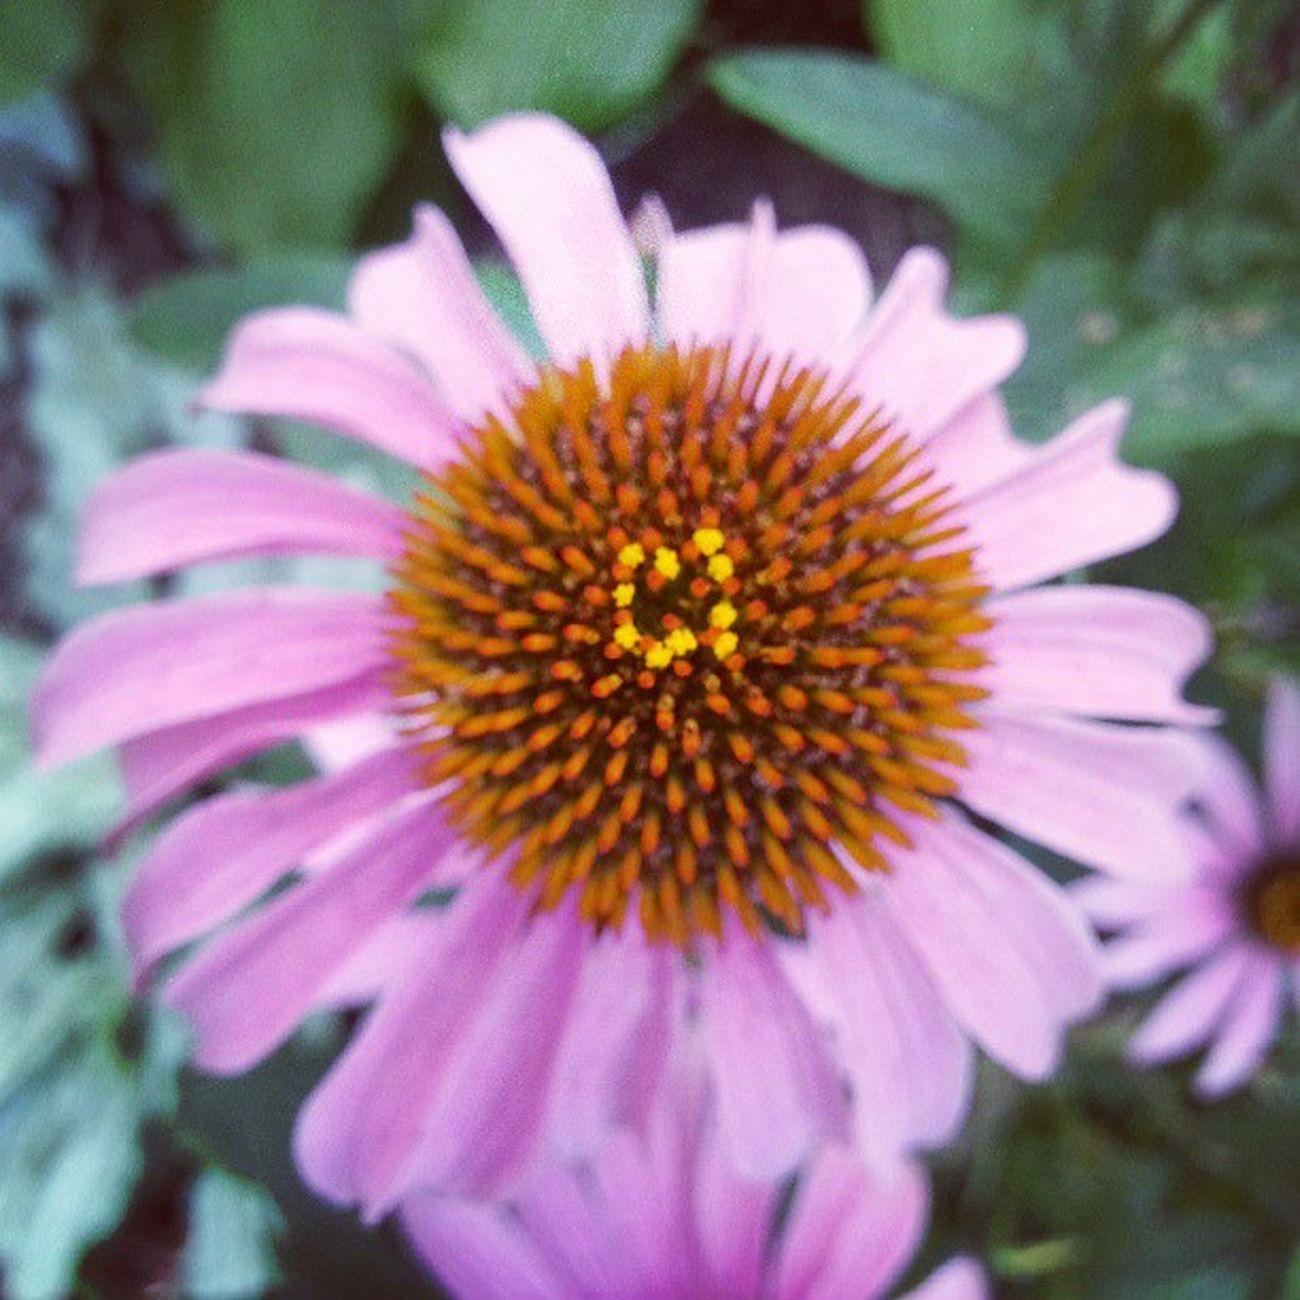 Flower Pinkandorange Pink Pinkflower orangeflower nature mothernature naturelovers nature_perfection